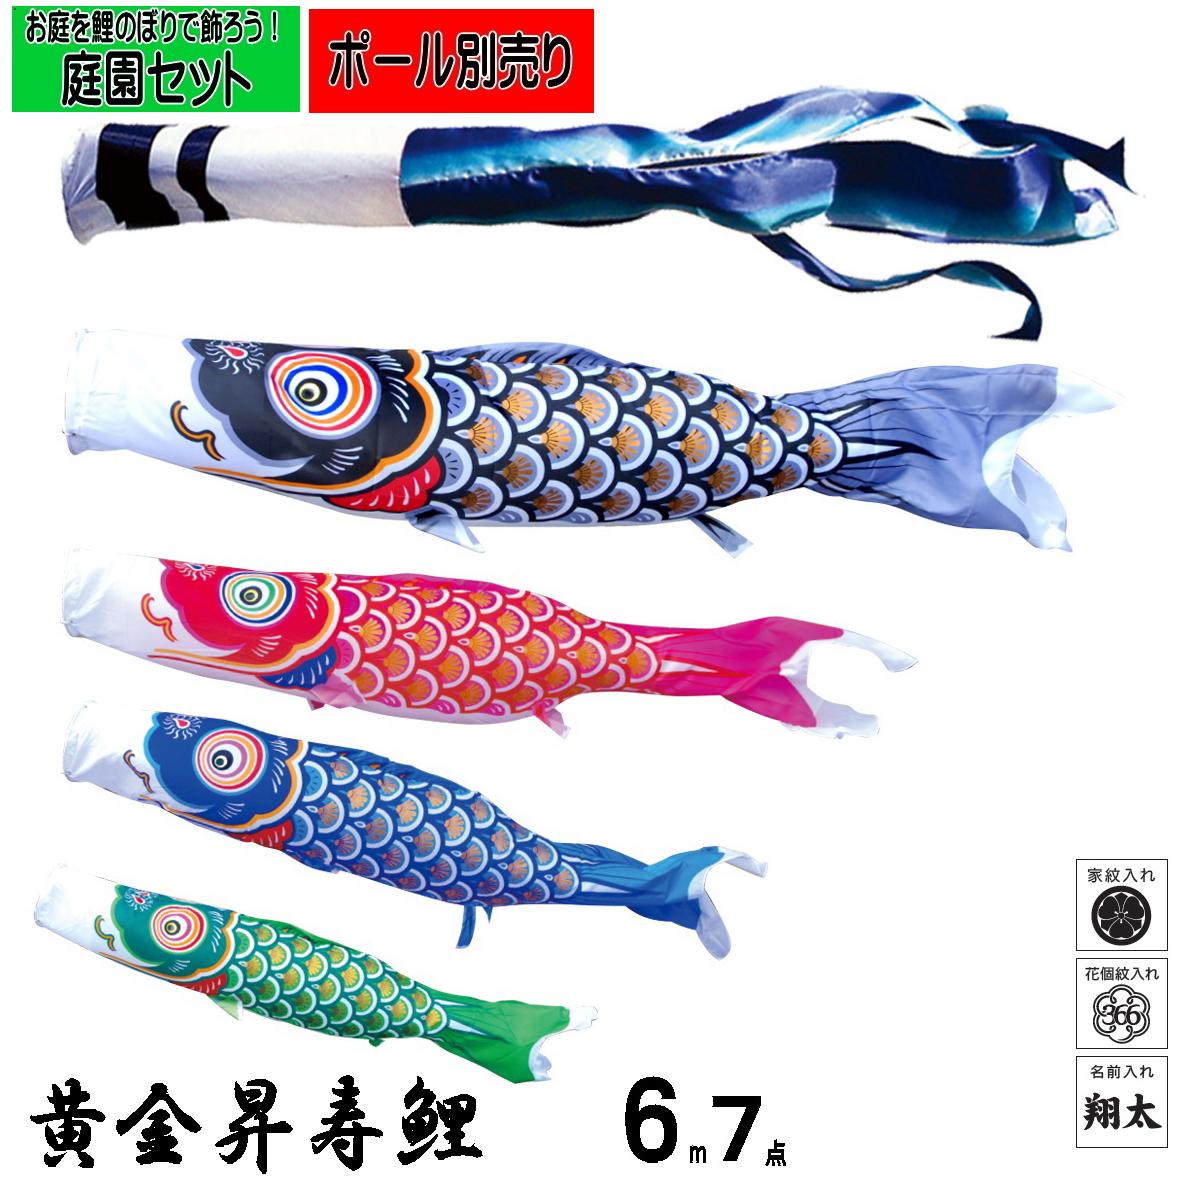 庭園用 こいのぼり黄金昇寿鯉 6m7点セット鯉のぼり 鯉幟